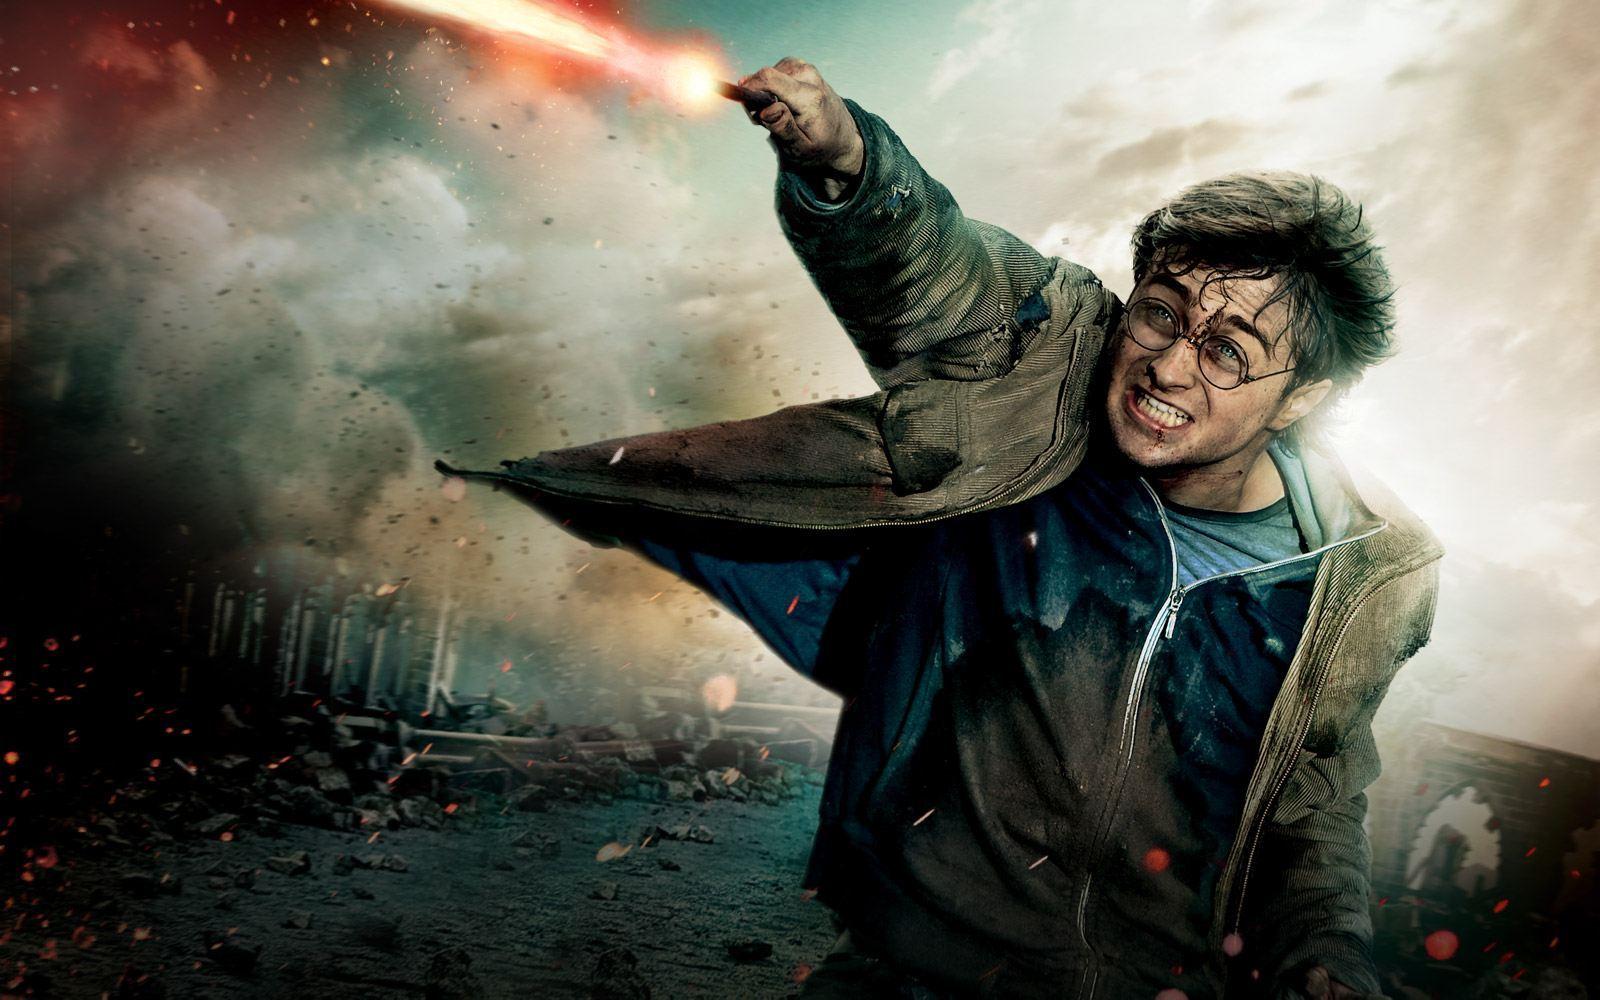 Фильм «Гарри Поттер и дары смерти. Часть 2» - завершение истории